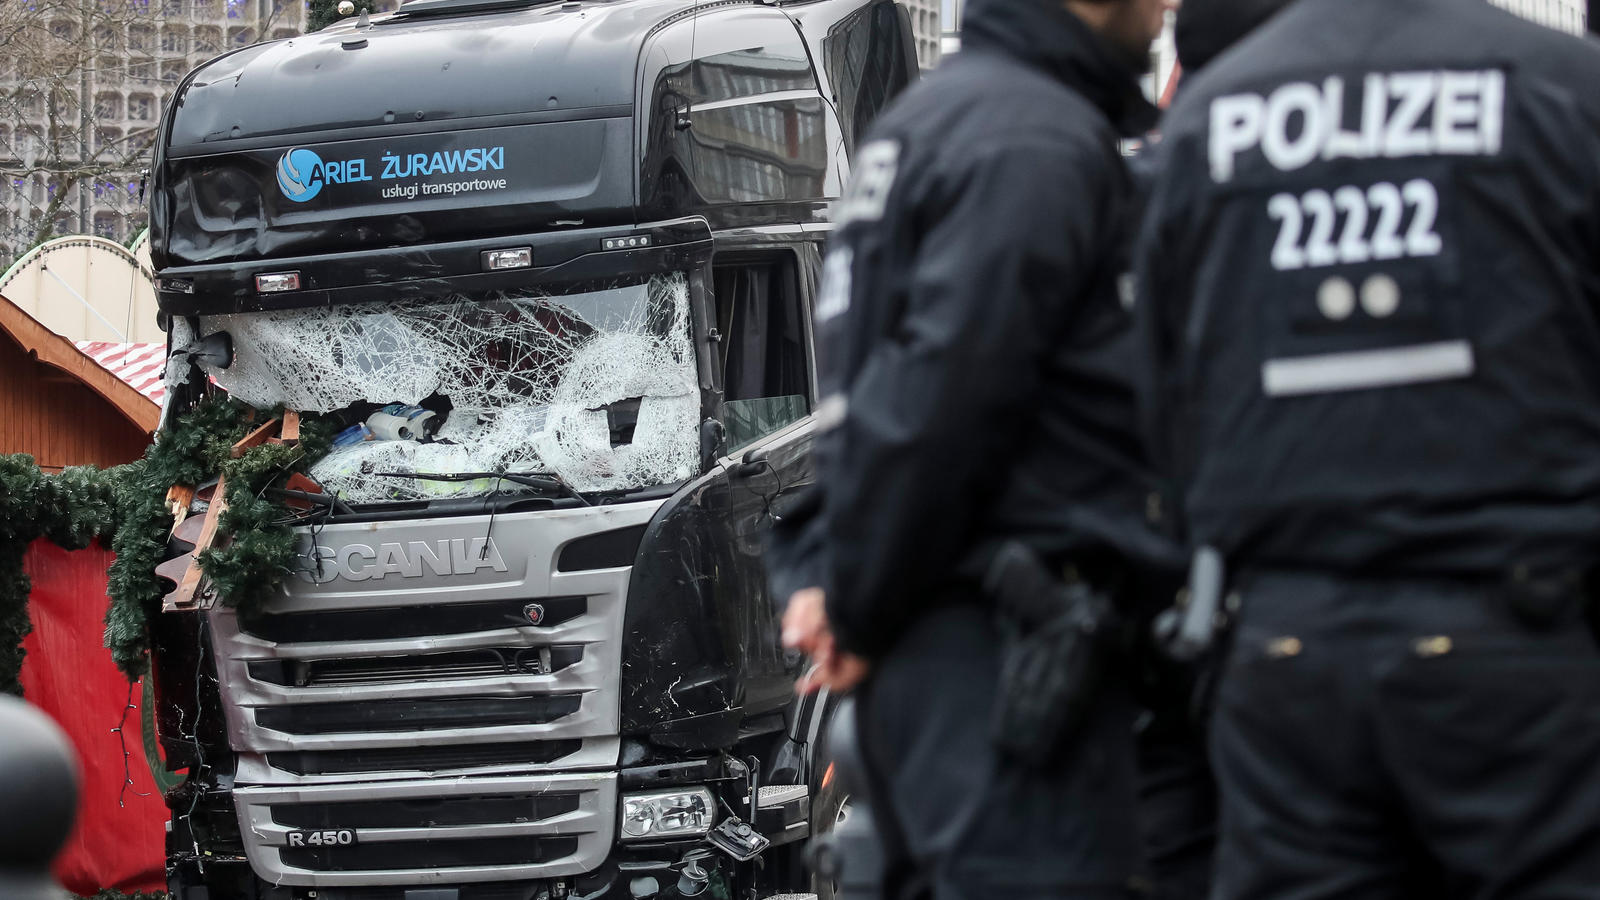 Berliner Terrorlaster immer noch beschlagnahmt: Polnischem Spediteur droht die Pleite